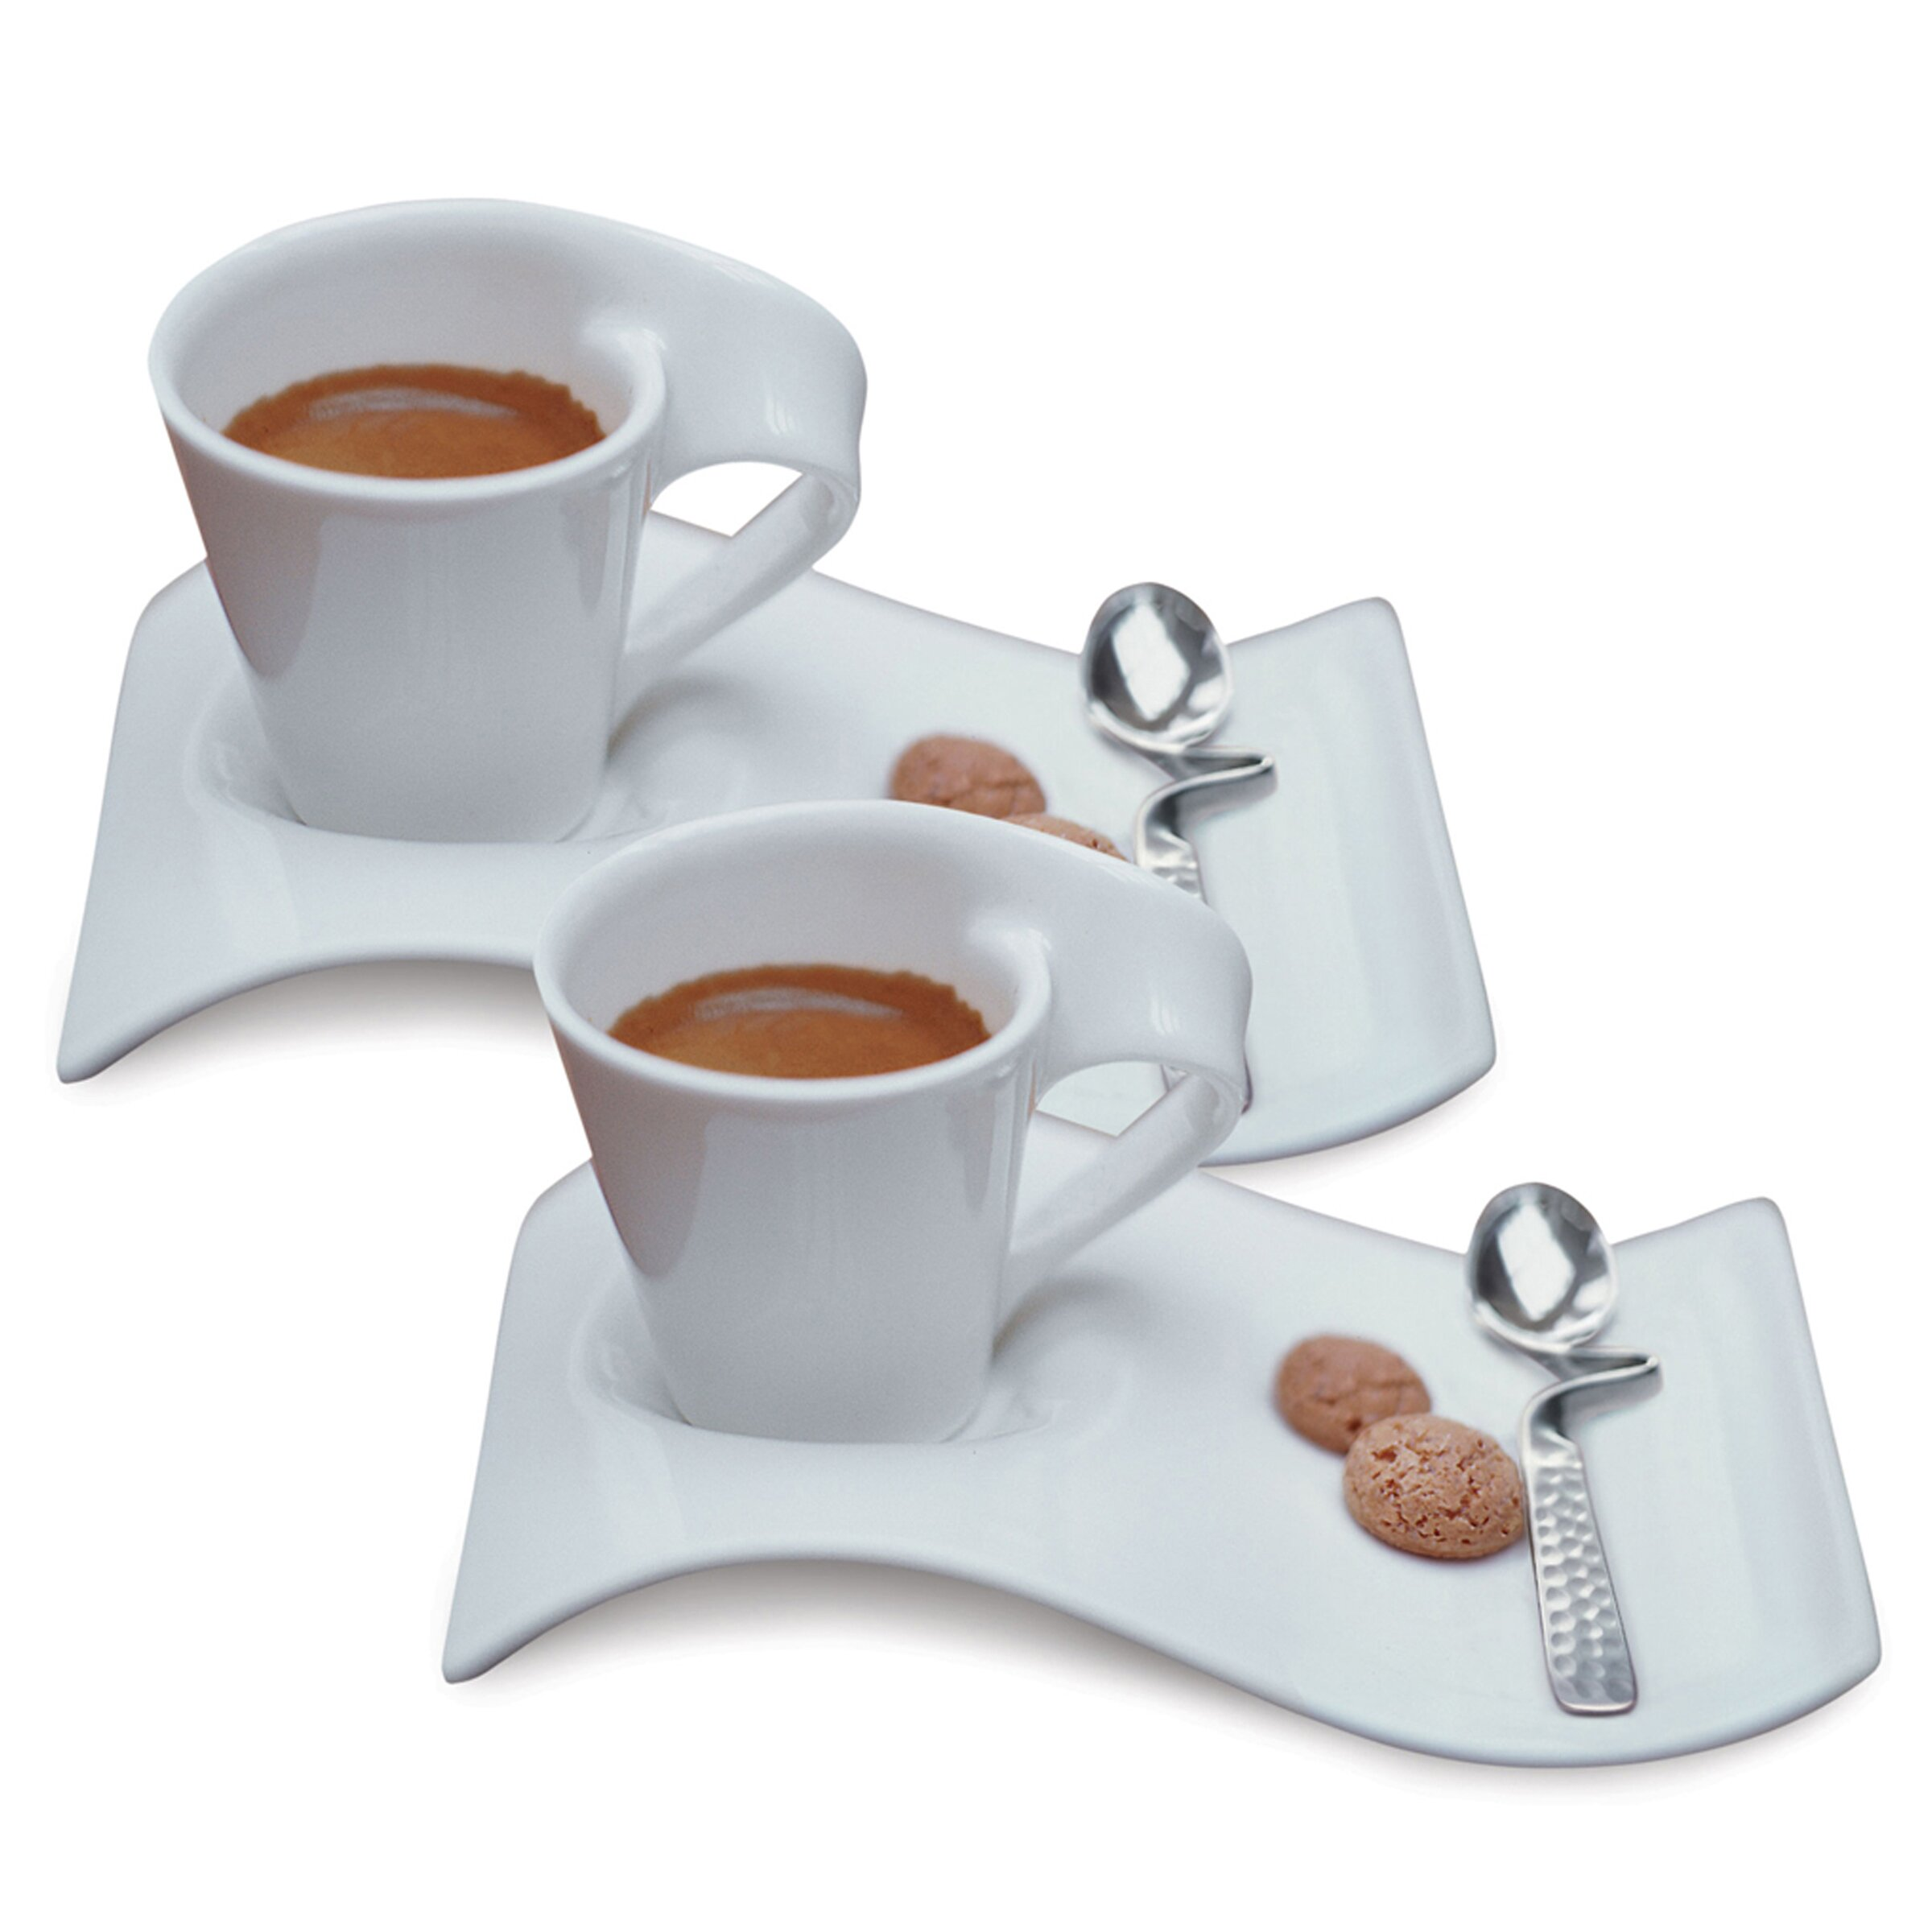 villeroy boch new wave caffe 6 piece espresso set. Black Bedroom Furniture Sets. Home Design Ideas